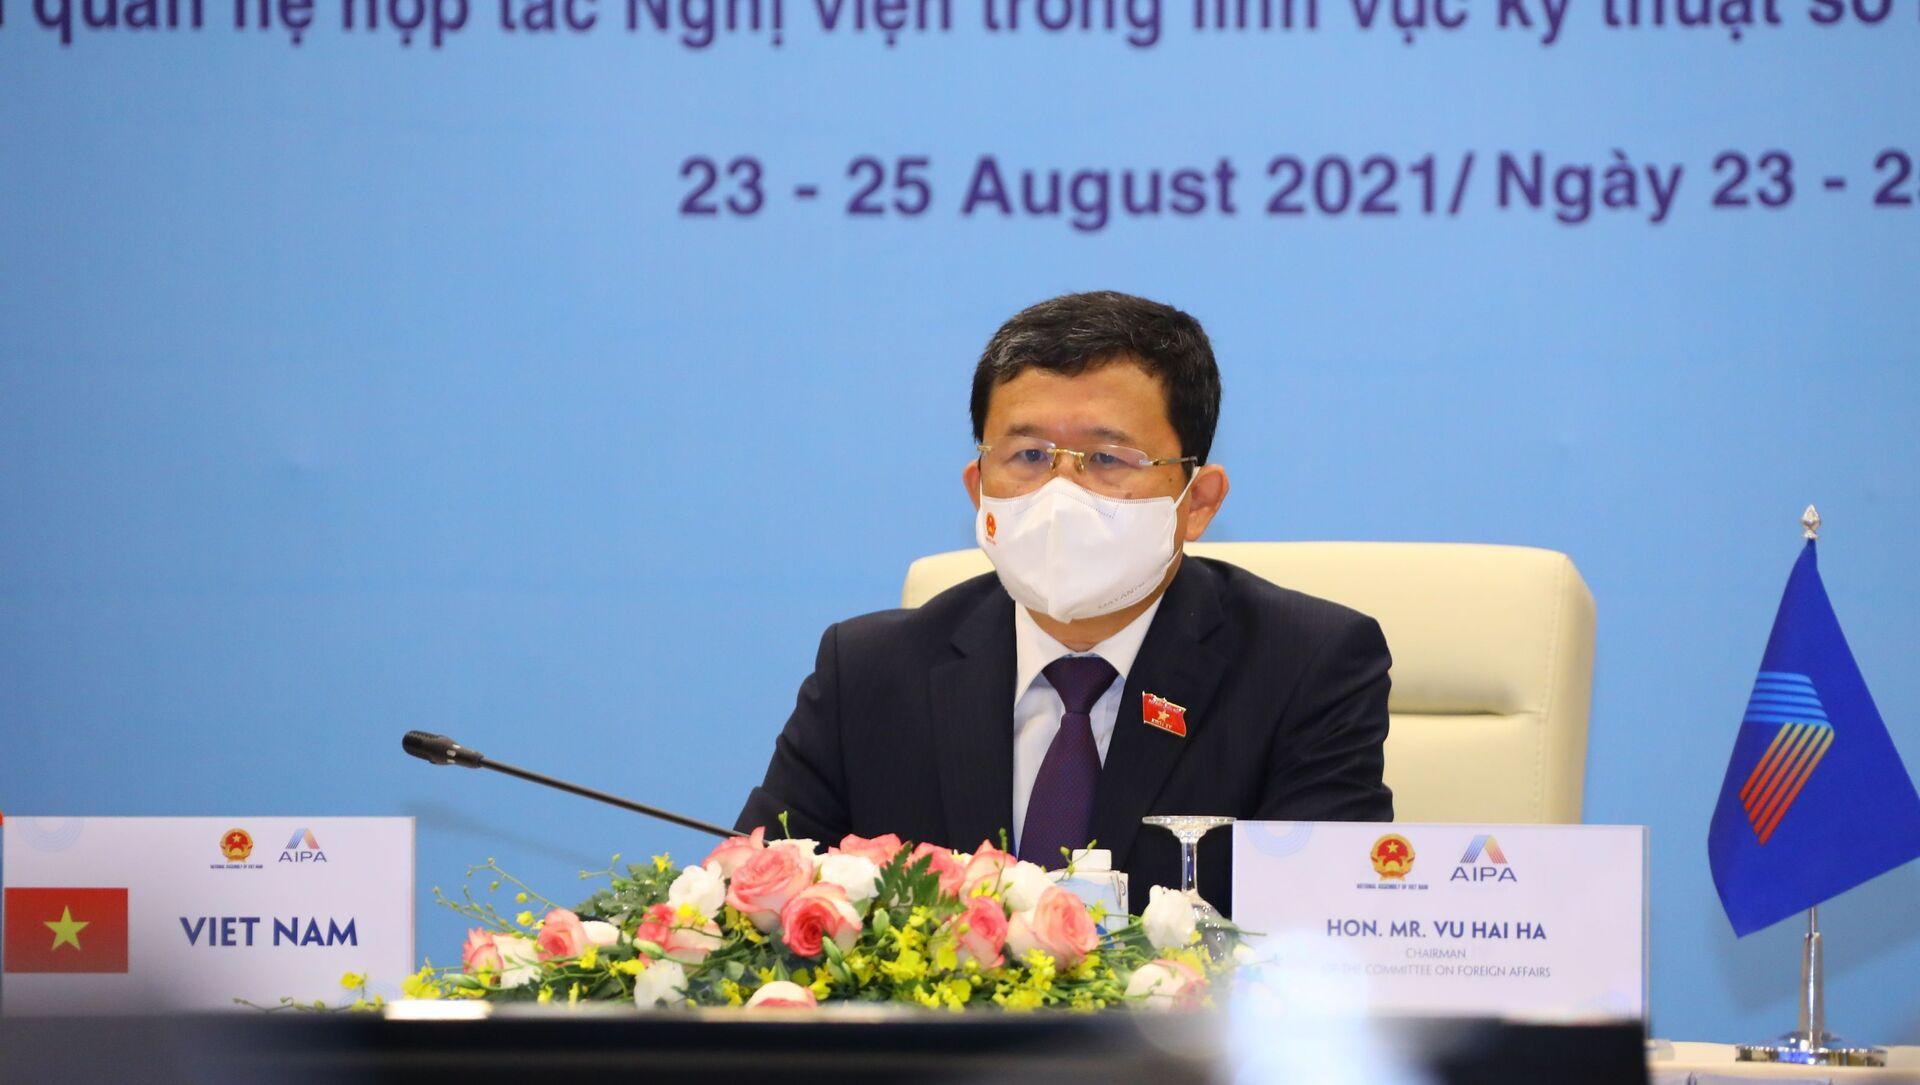 Chủ nhiệm Ủy ban Đối ngoại của Quốc hội Việt Nam Vũ Hải Hà chủ trì. - Sputnik Việt Nam, 1920, 24.08.2021